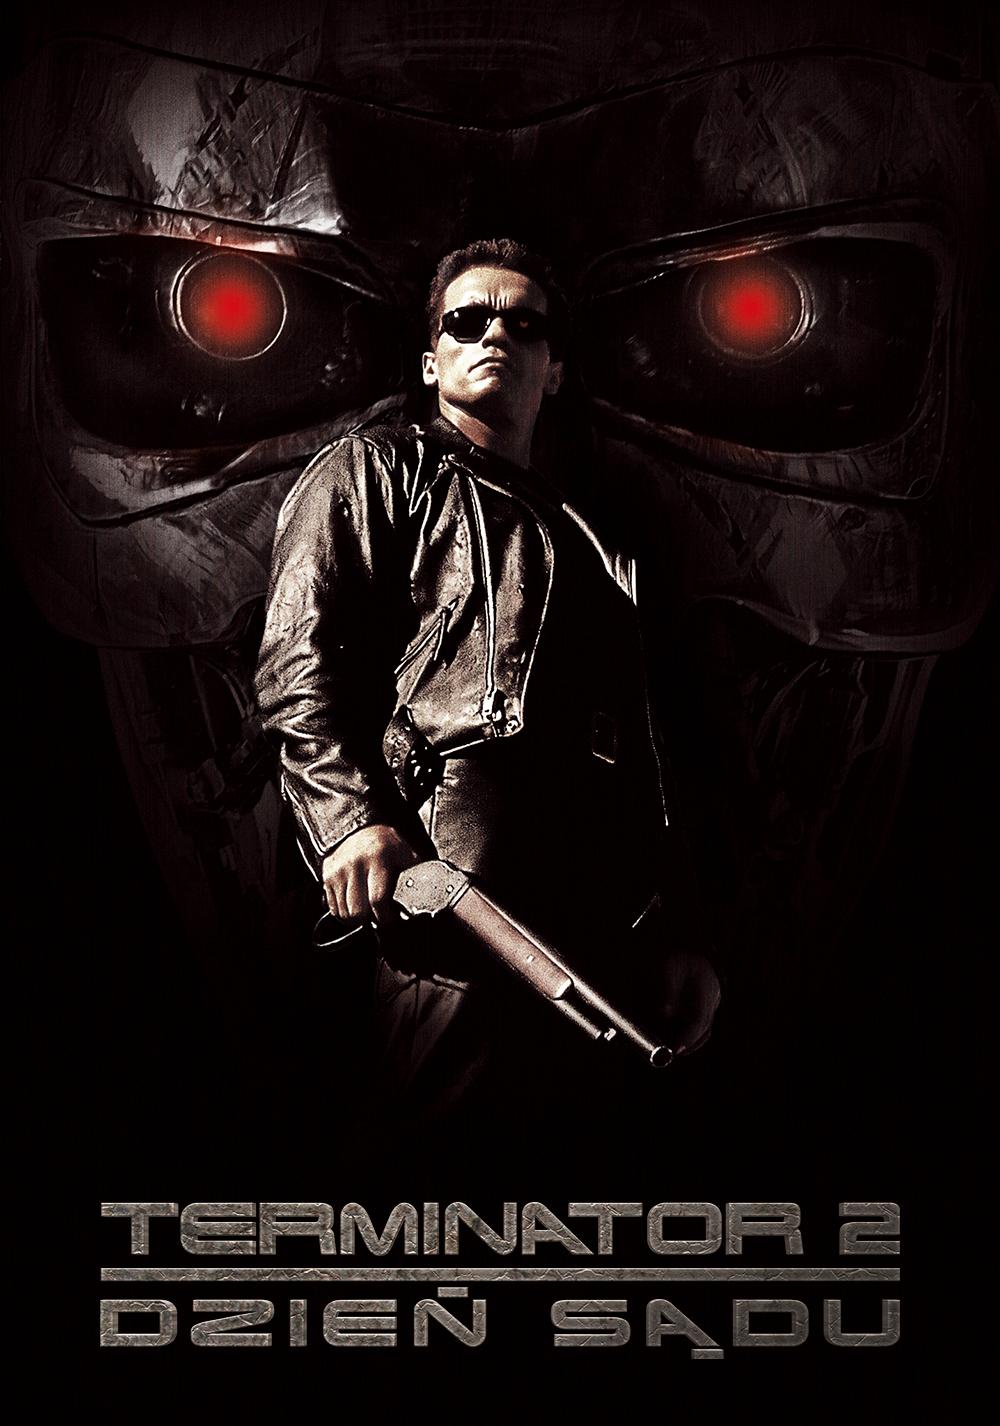 Terminator 2 Film